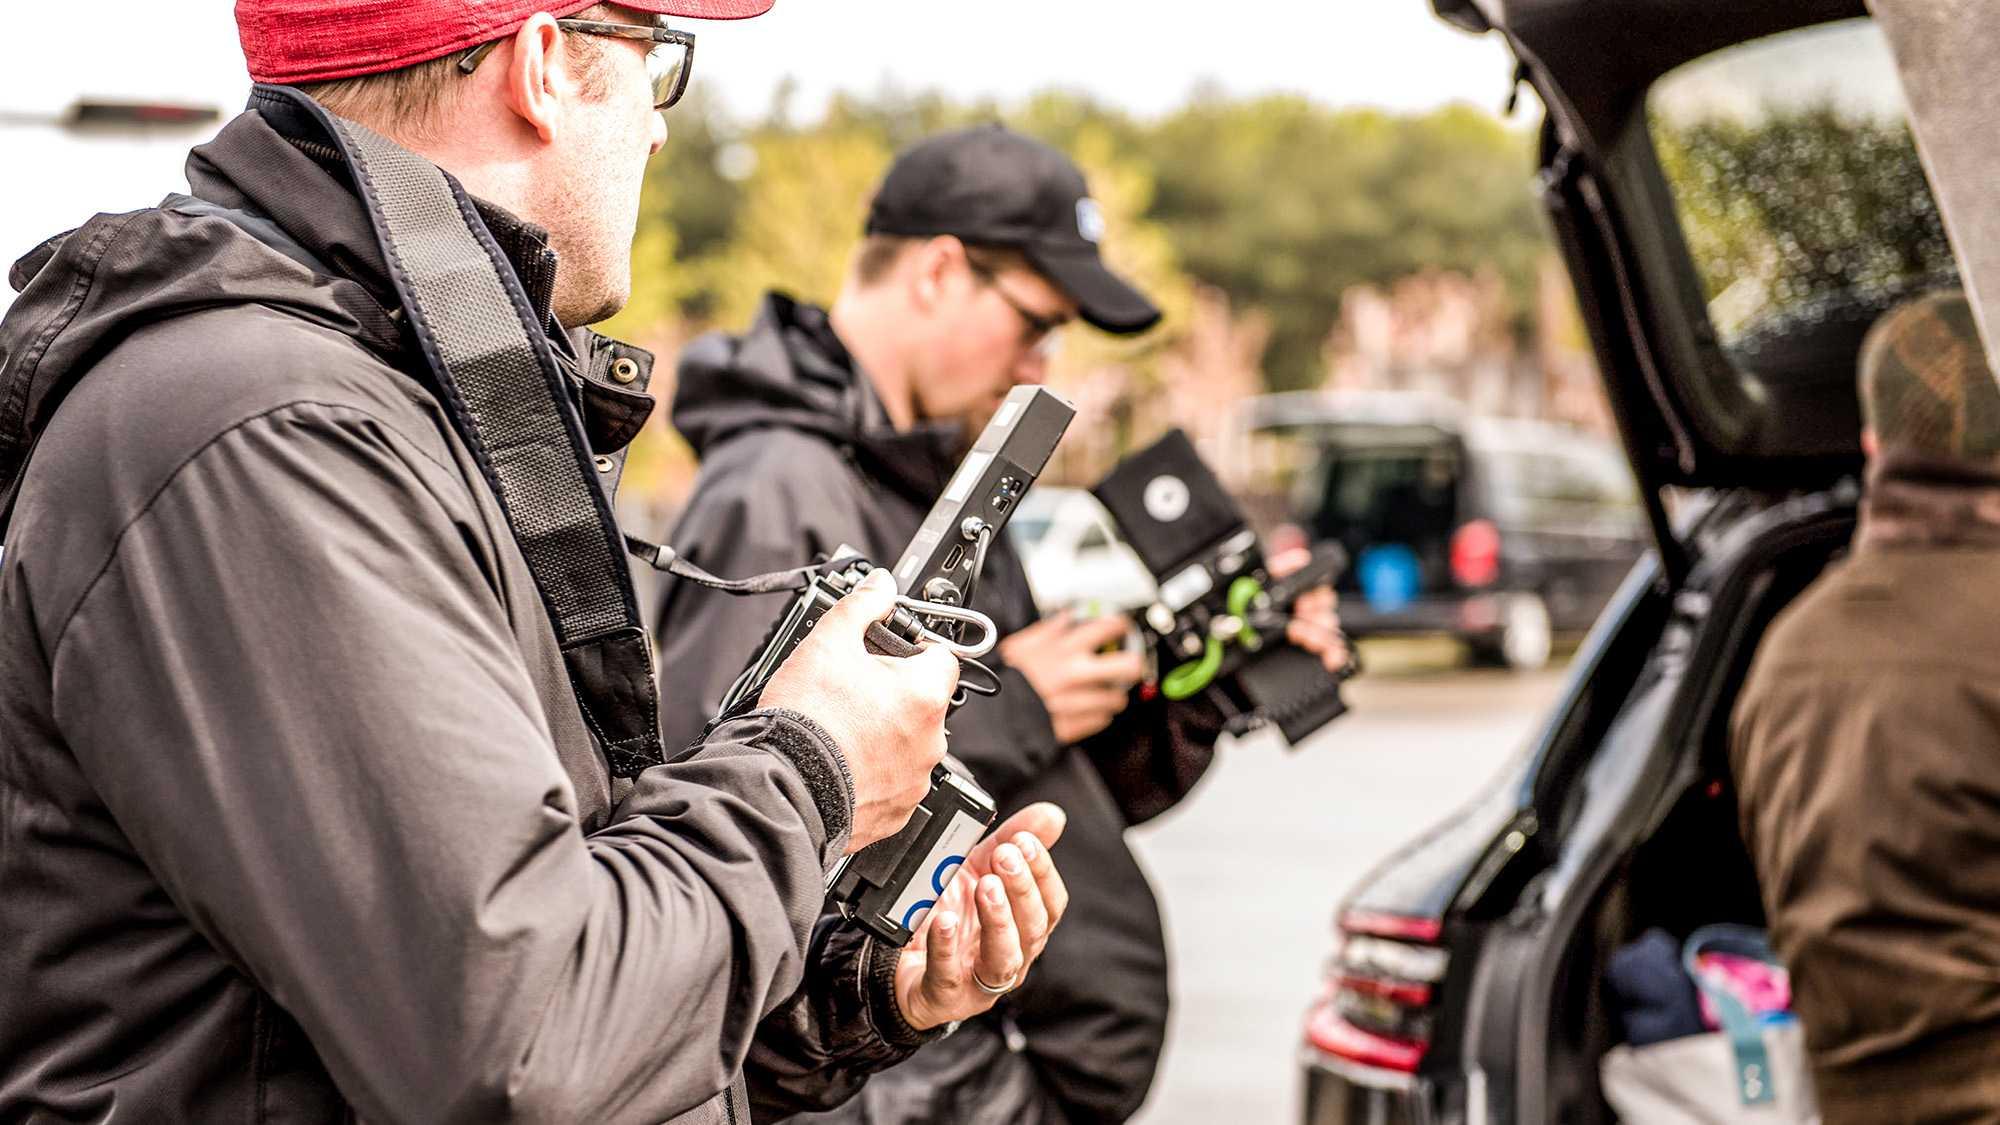 Das Bild zeigt einen Mann, der einen Kameramonitor in seiner Hand hält. Er trägt eine rote Mütze. Man sieht in von der Seite. Vor ihm, verschwommen erkennbar, sitzt ein Mann in einem Kofferraum. Hinter ihm steht ein Mann. Das Bild dient als Sliderbild für den Portfolioeintrag RECARO Child Safety Zero.1 Elite von Panda Pictures.